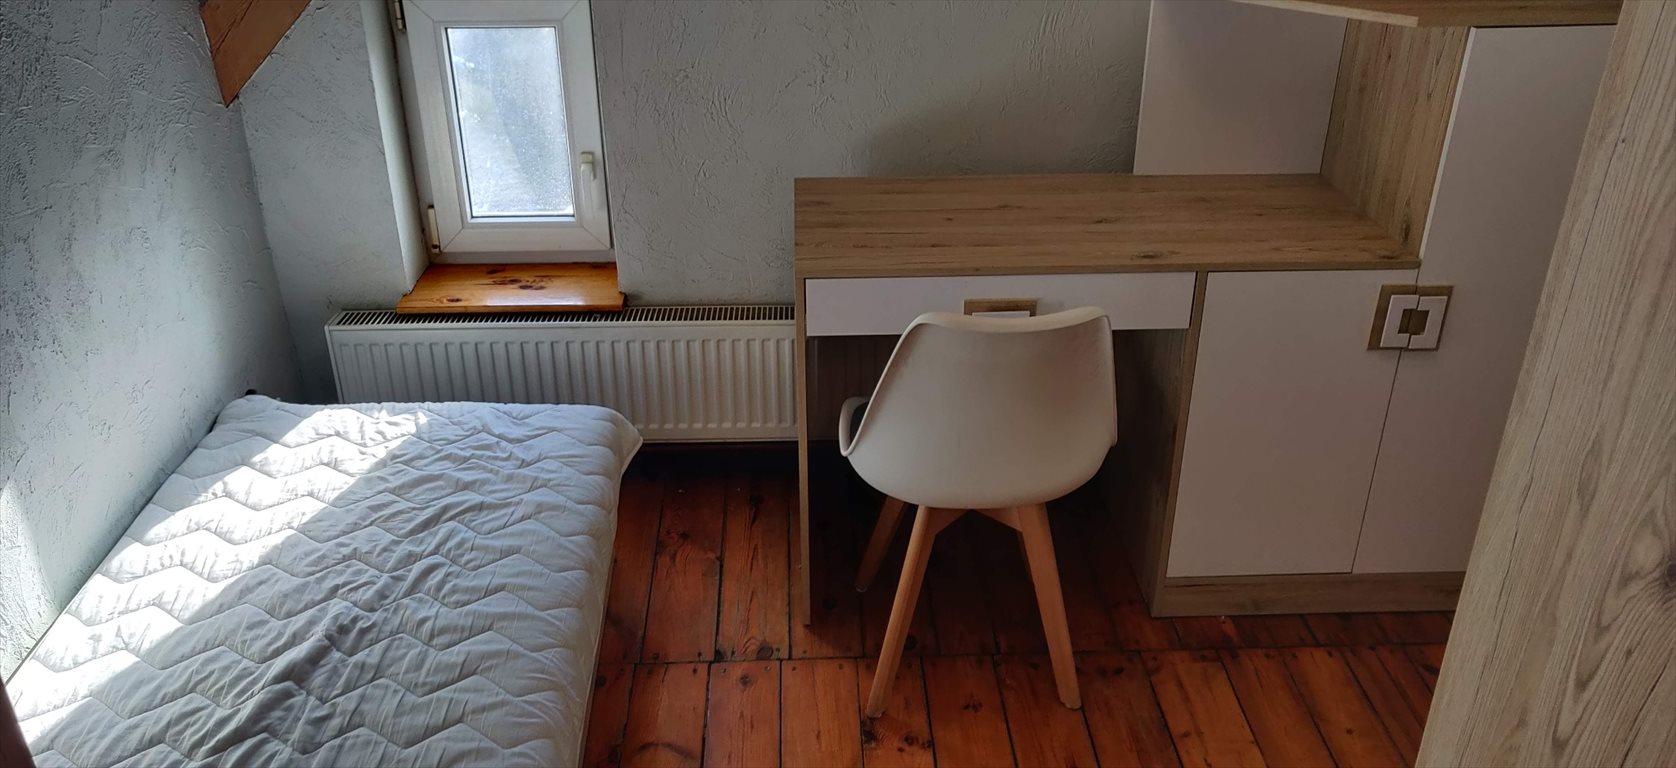 Mieszkanie na sprzedaż Poznań, Jeżyce, Bukowska  88m2 Foto 6